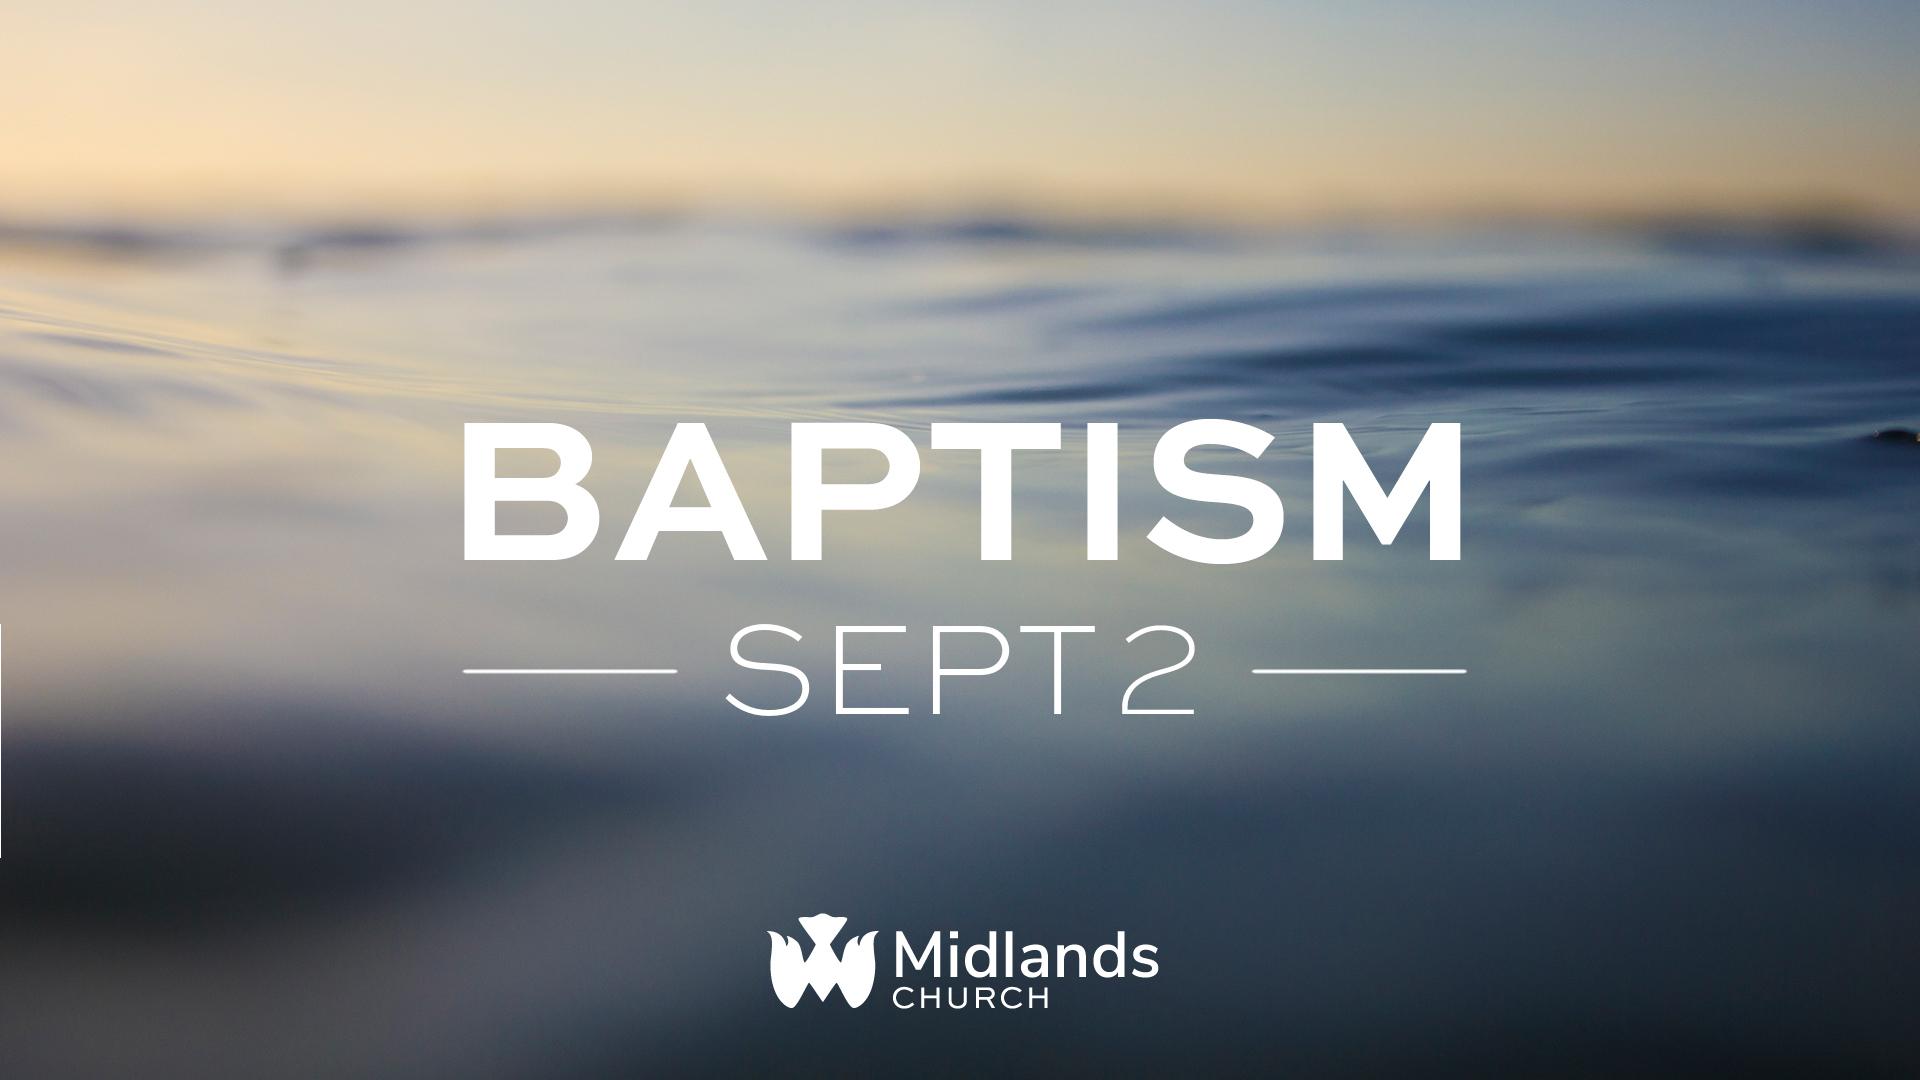 Baptism_Sept2.jpg